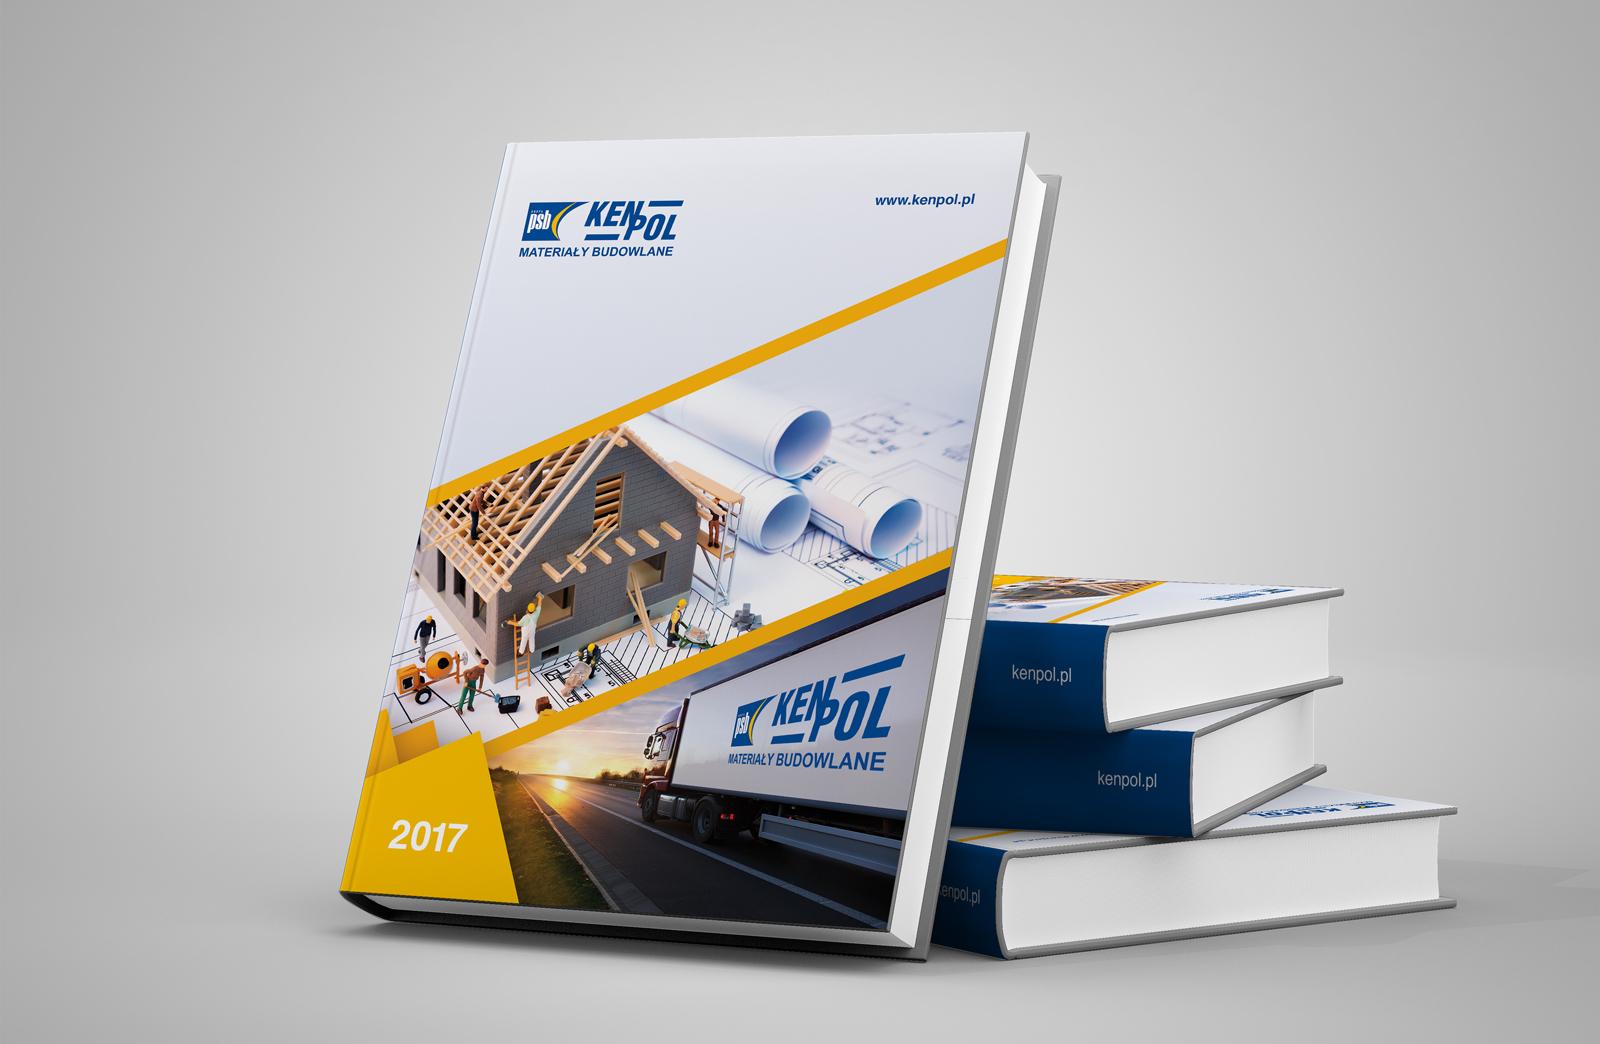 Kenpol materiały budowlane kalendarz ksiazkowy 2017 Agencja brandingowa Moweli Creative